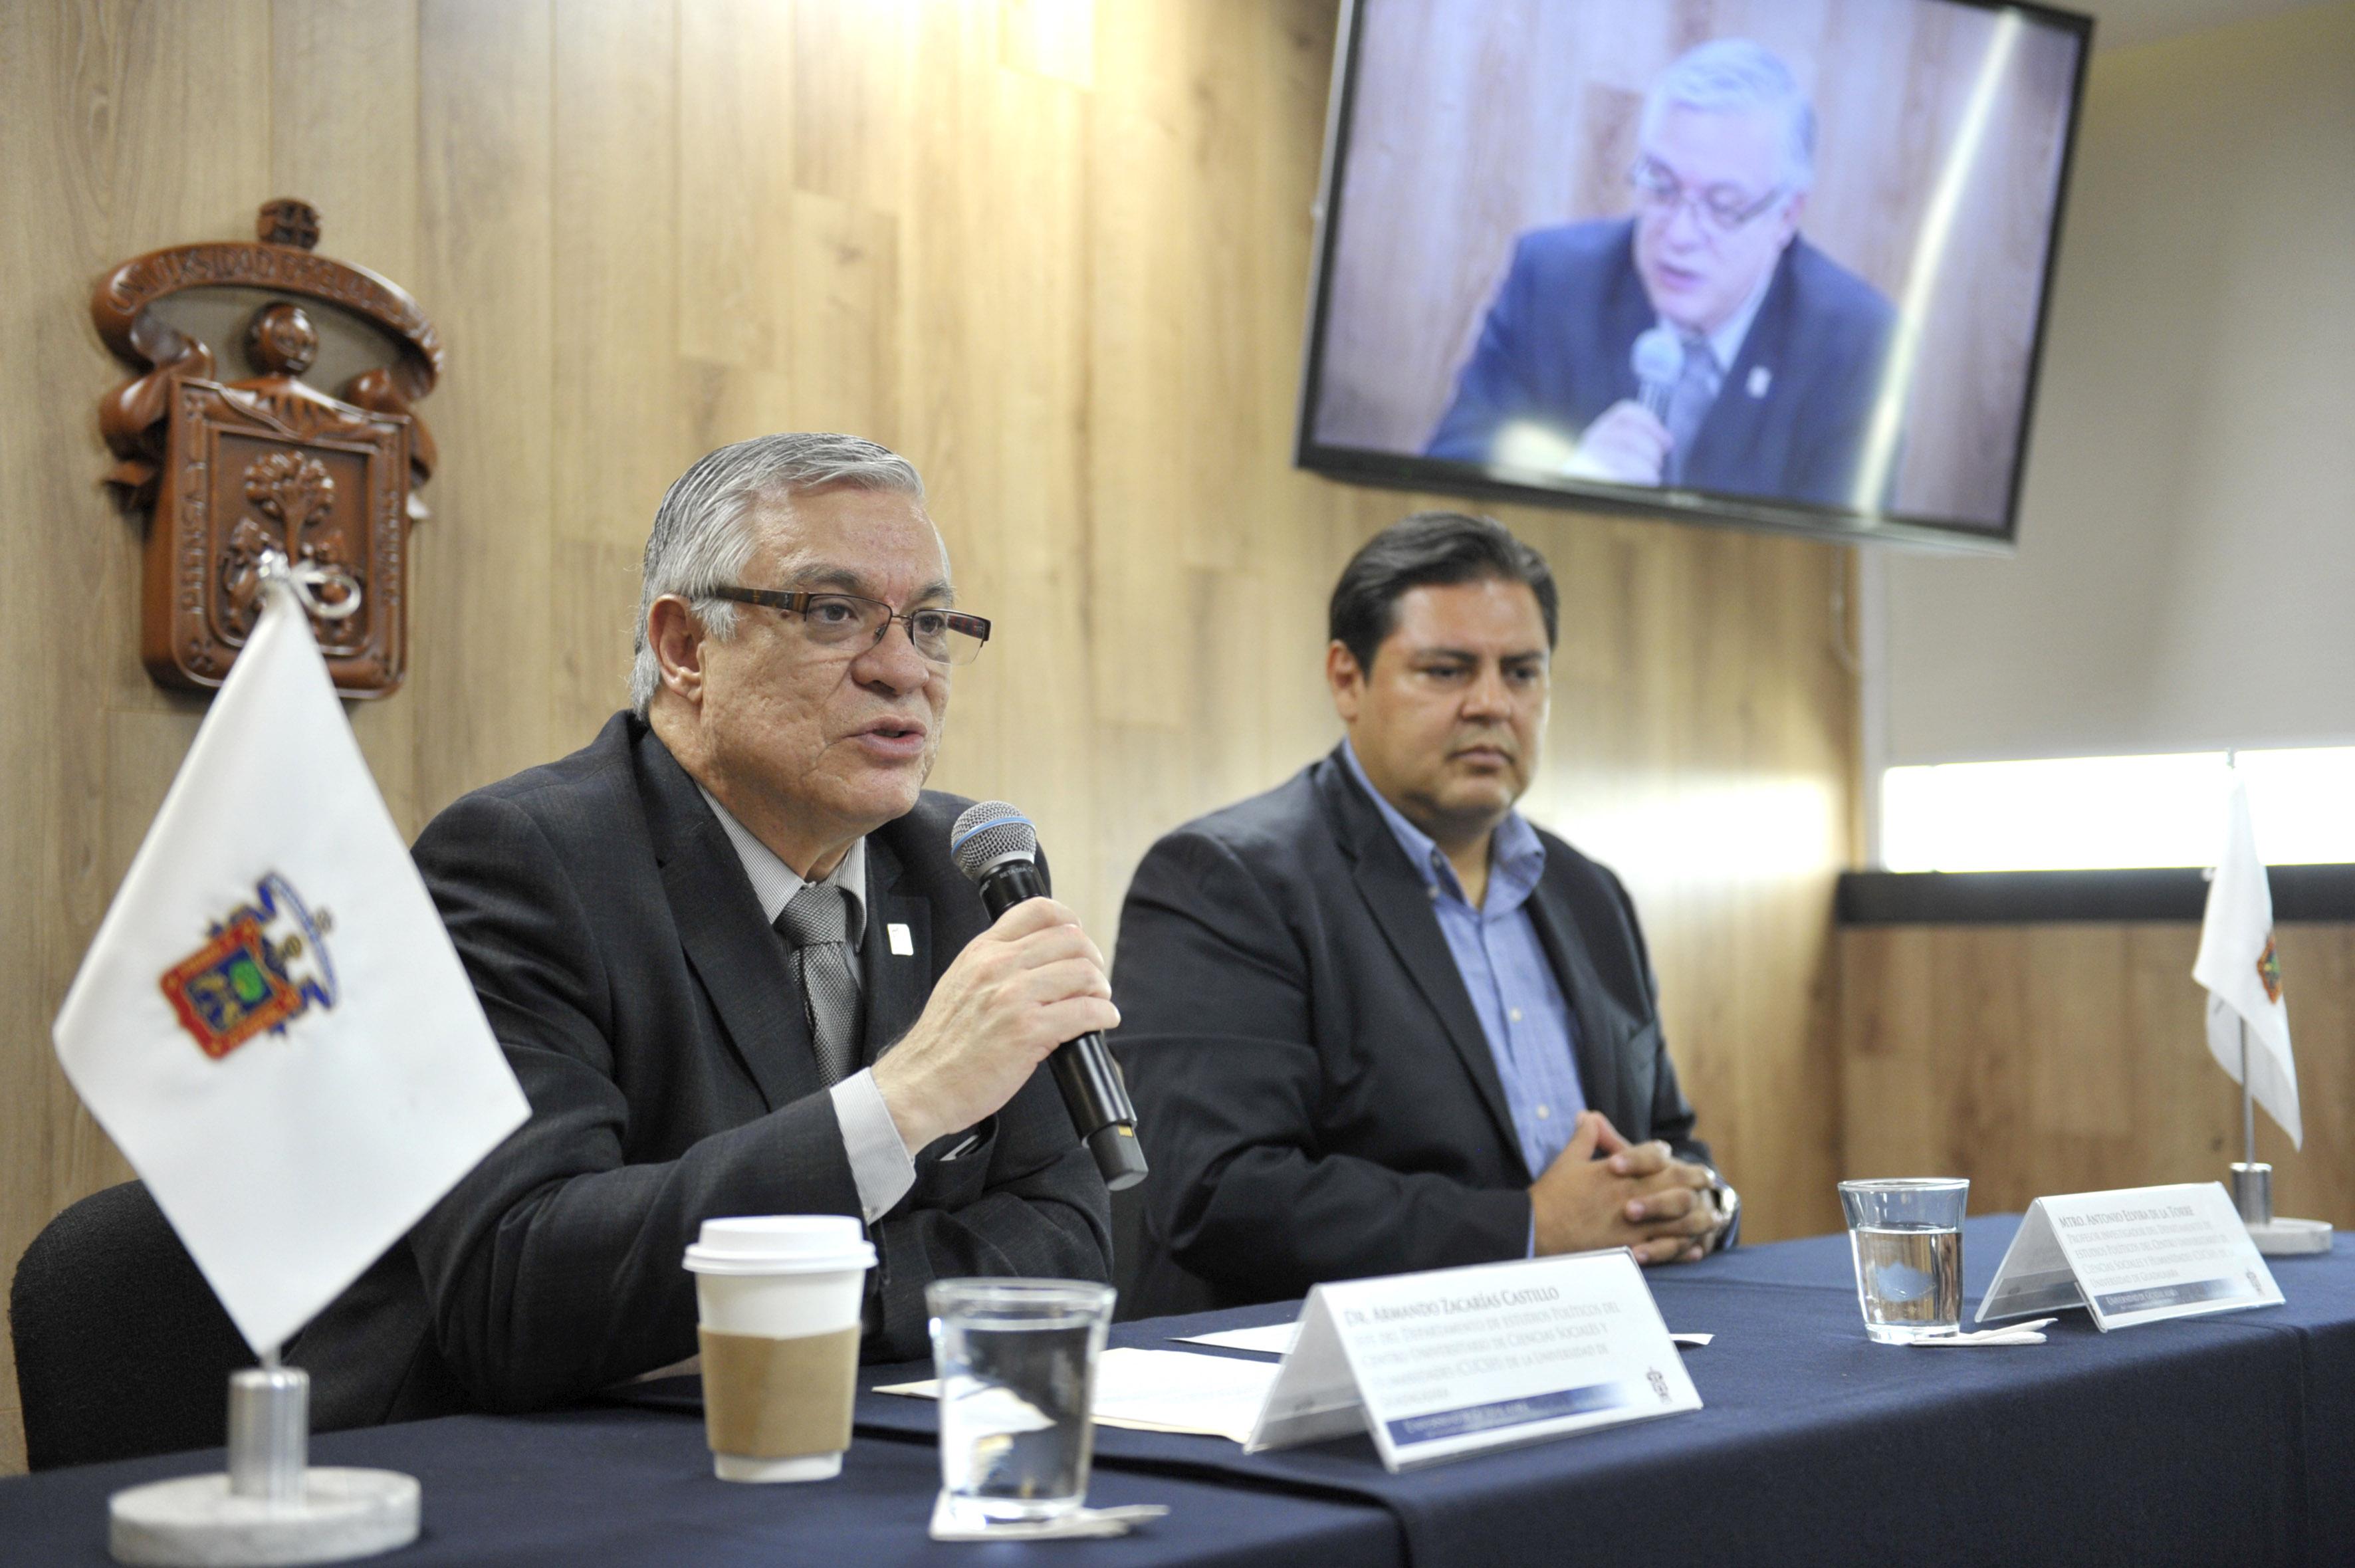 Doctor Armando Zacarías Castillo, Jefe del Departamento de Estudios Políticos, frente al micrófono